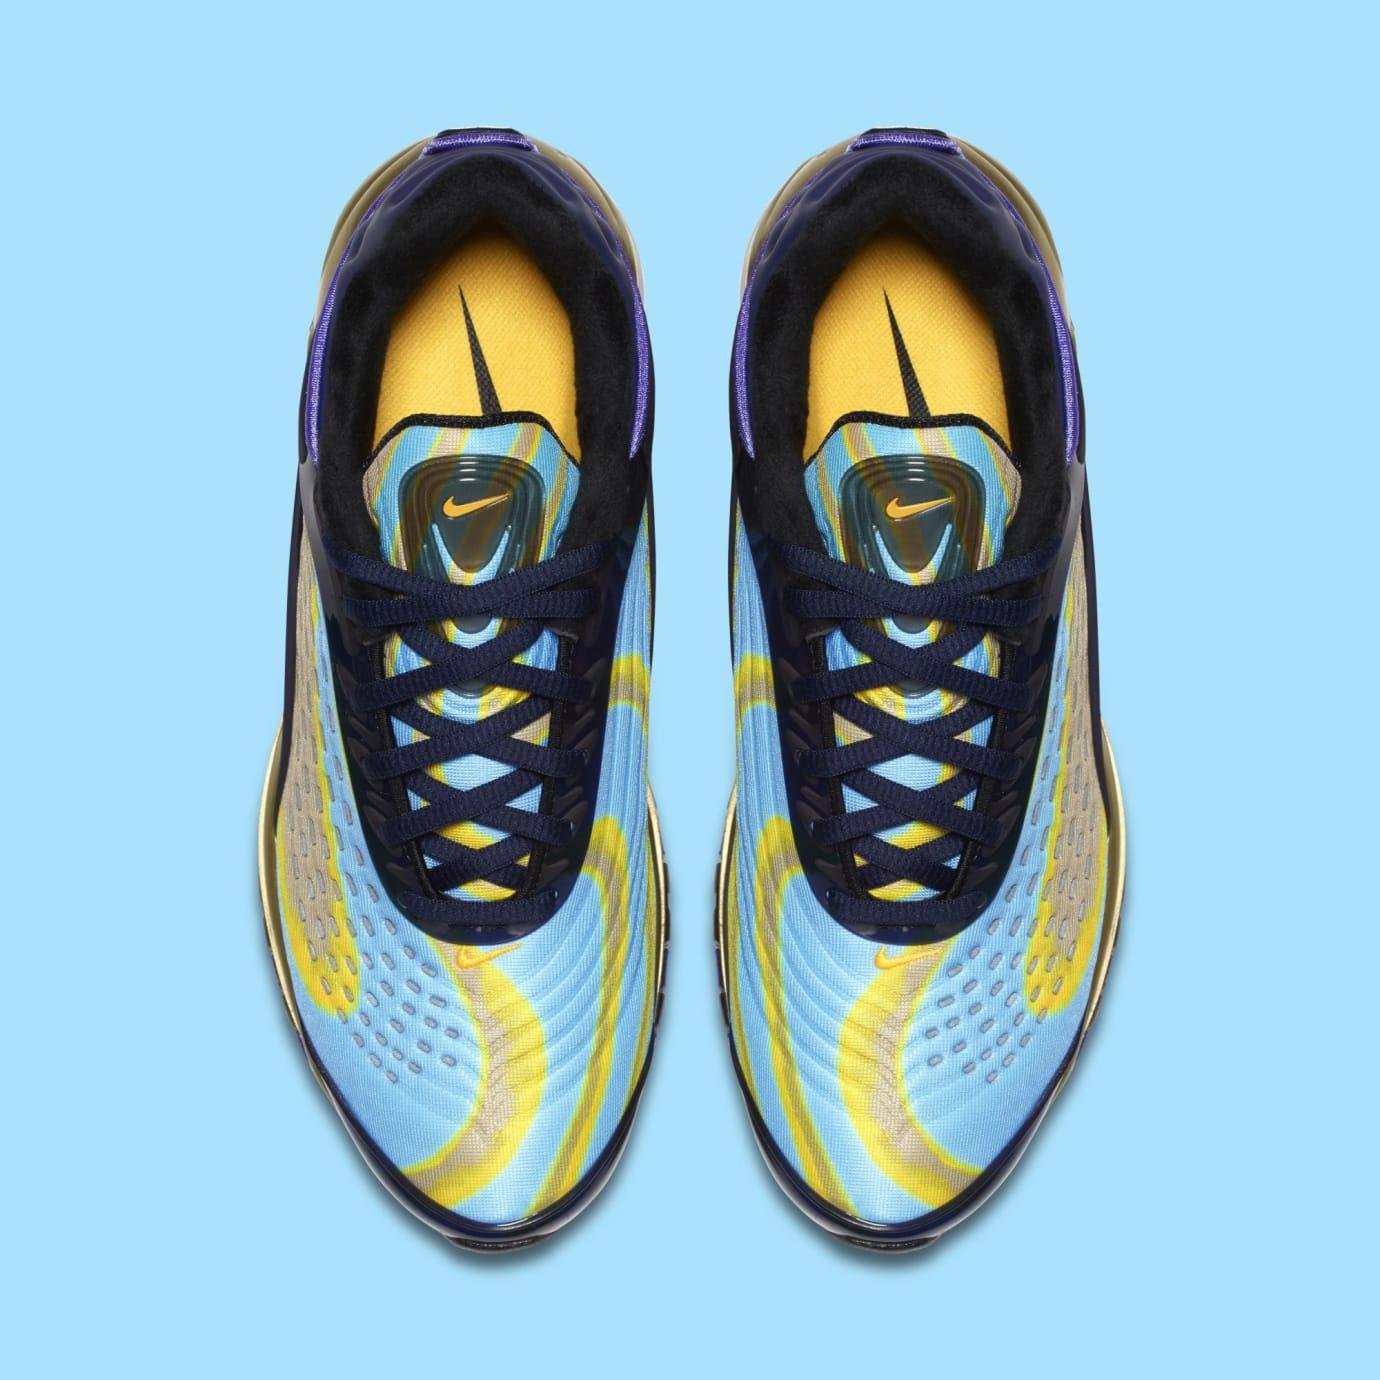 2018 Nike Air Max Deluxe OG Midnight NavyLaser Orange AQ1272 400